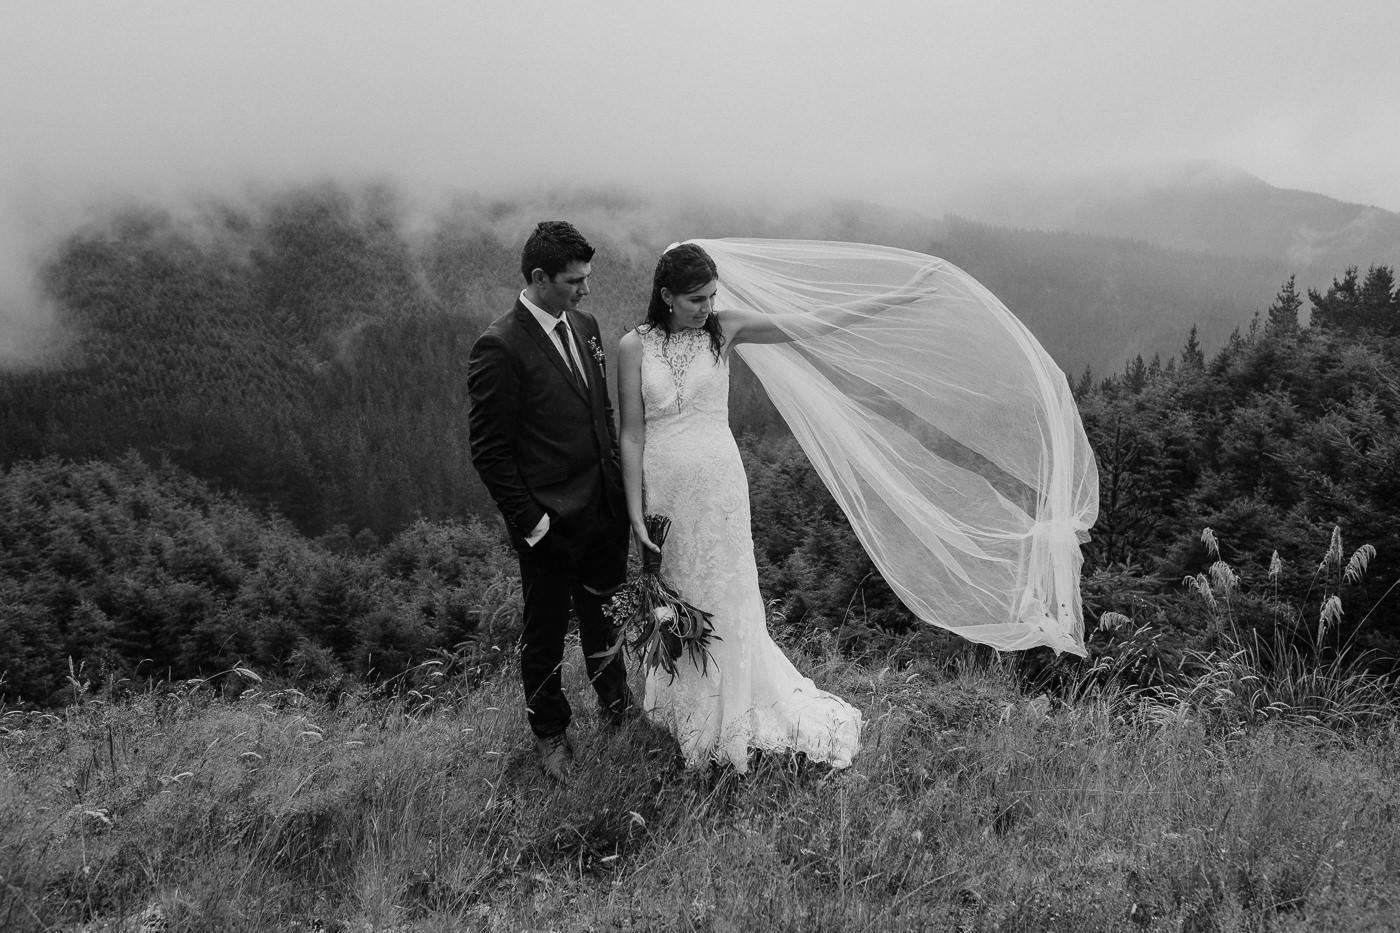 nz_wedding_photographer_gisborne-1093.jpg